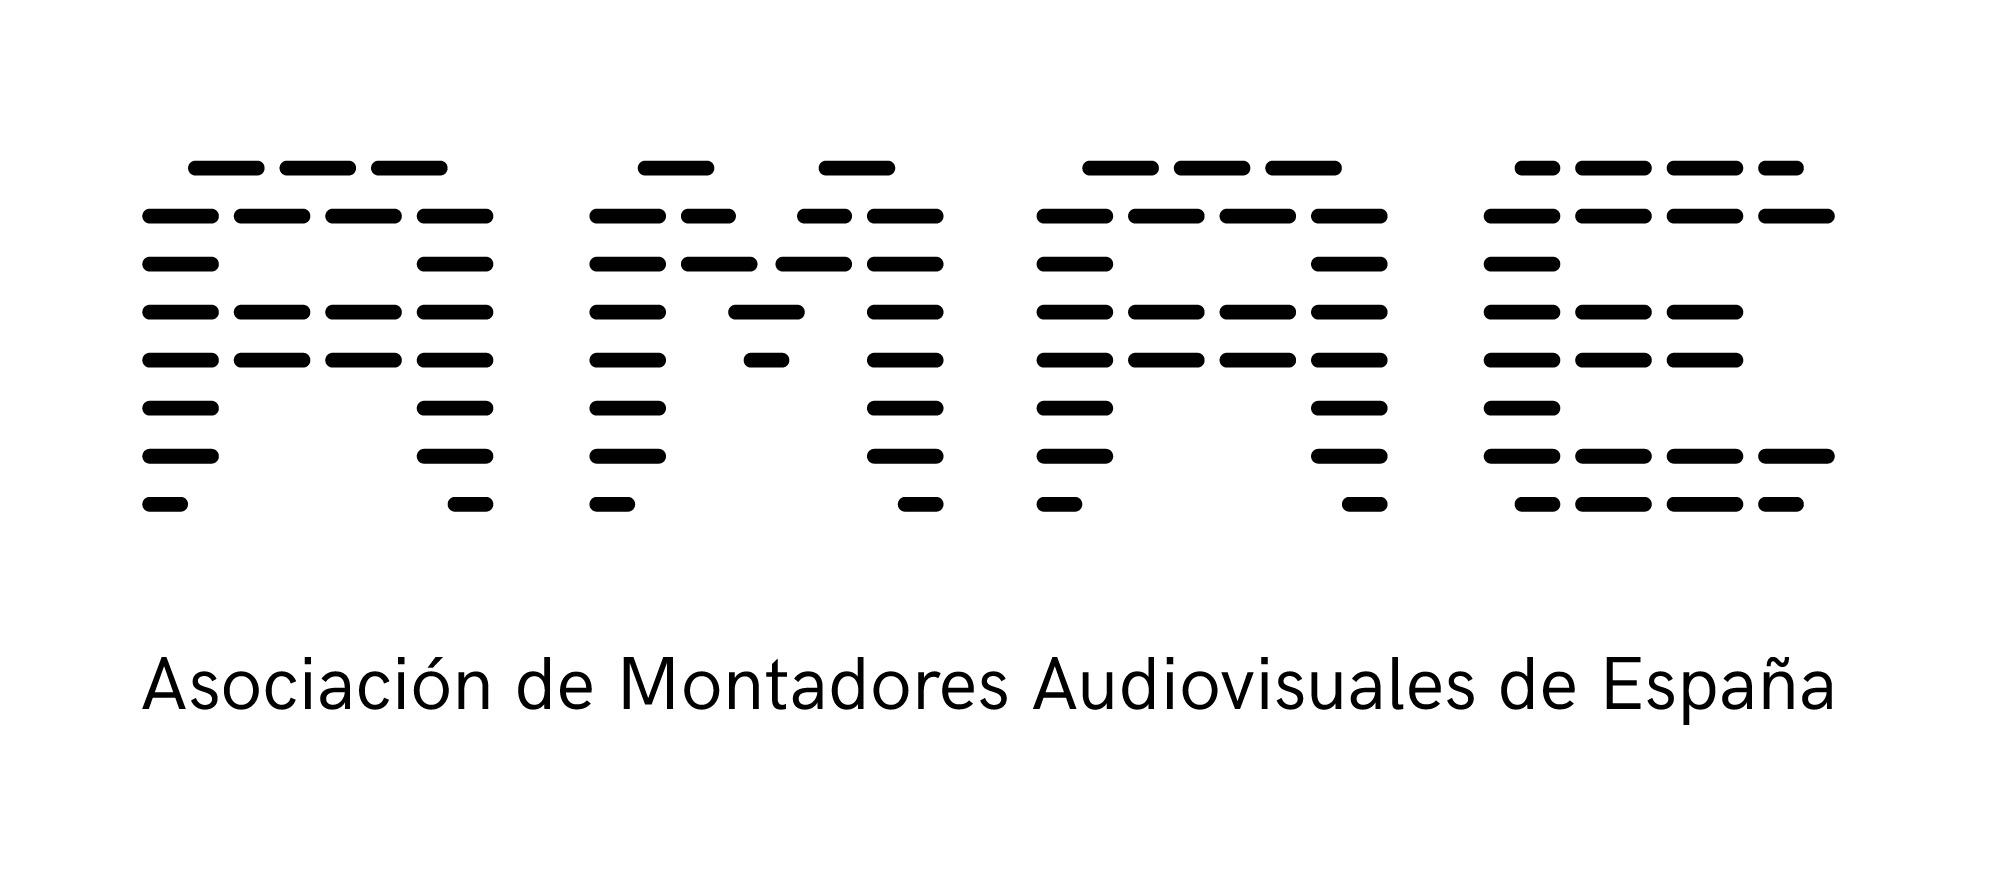 AMAE Asociación de Montadores Audiovisuales de España